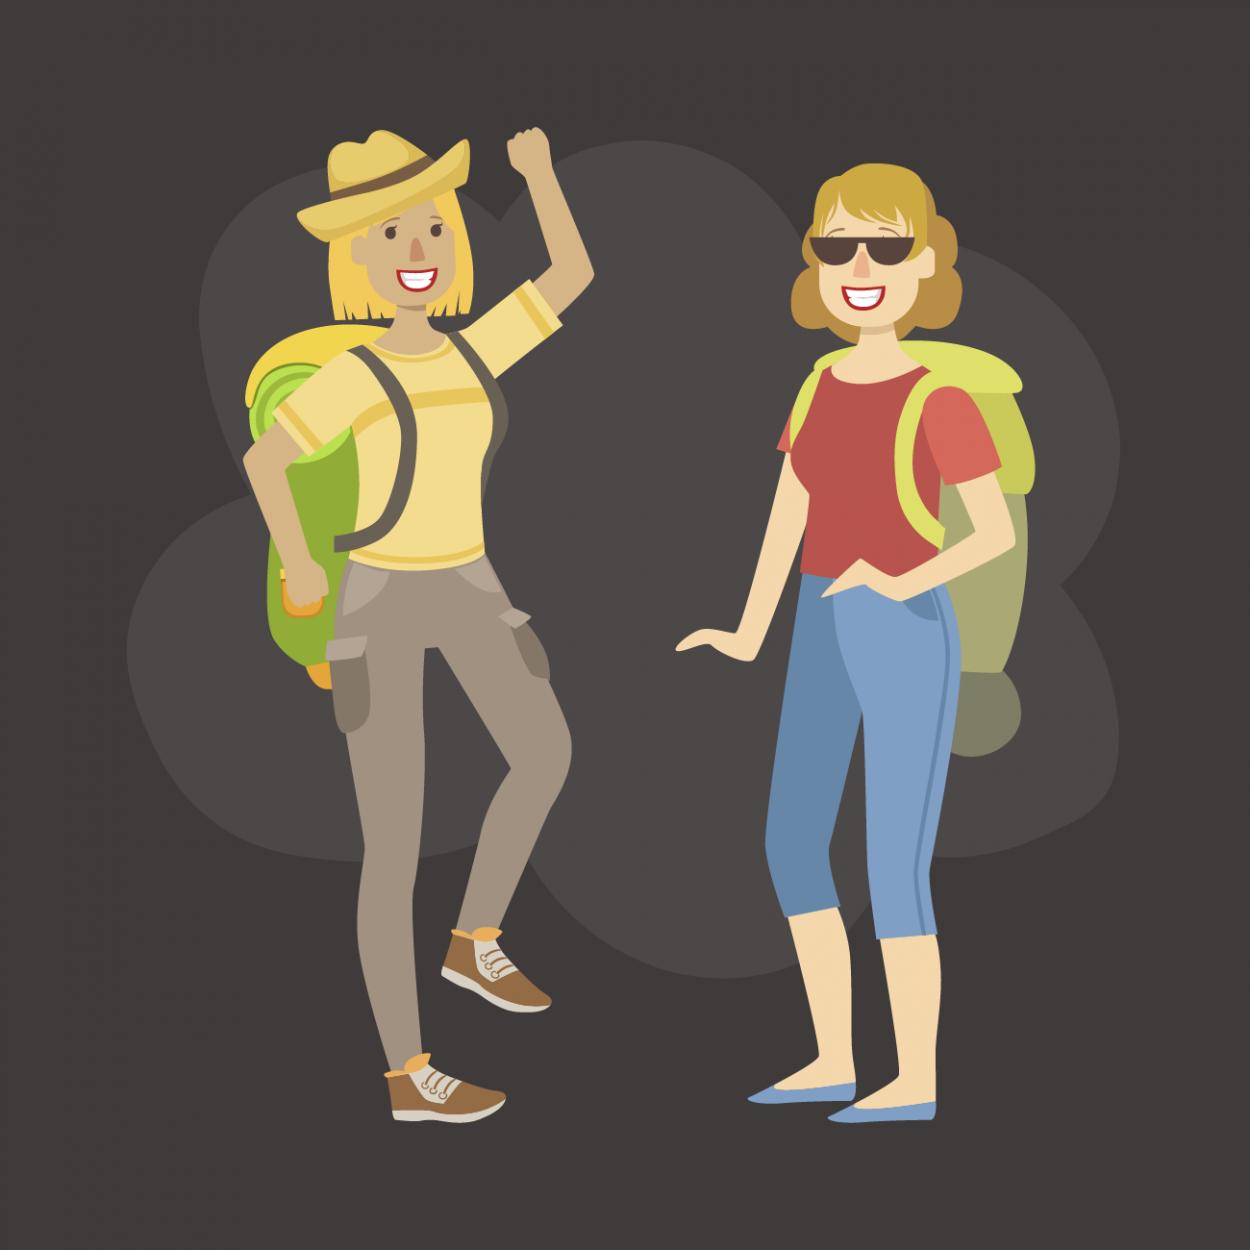 Иллюстрация к анекдоту про спор двух блондинок во время похода